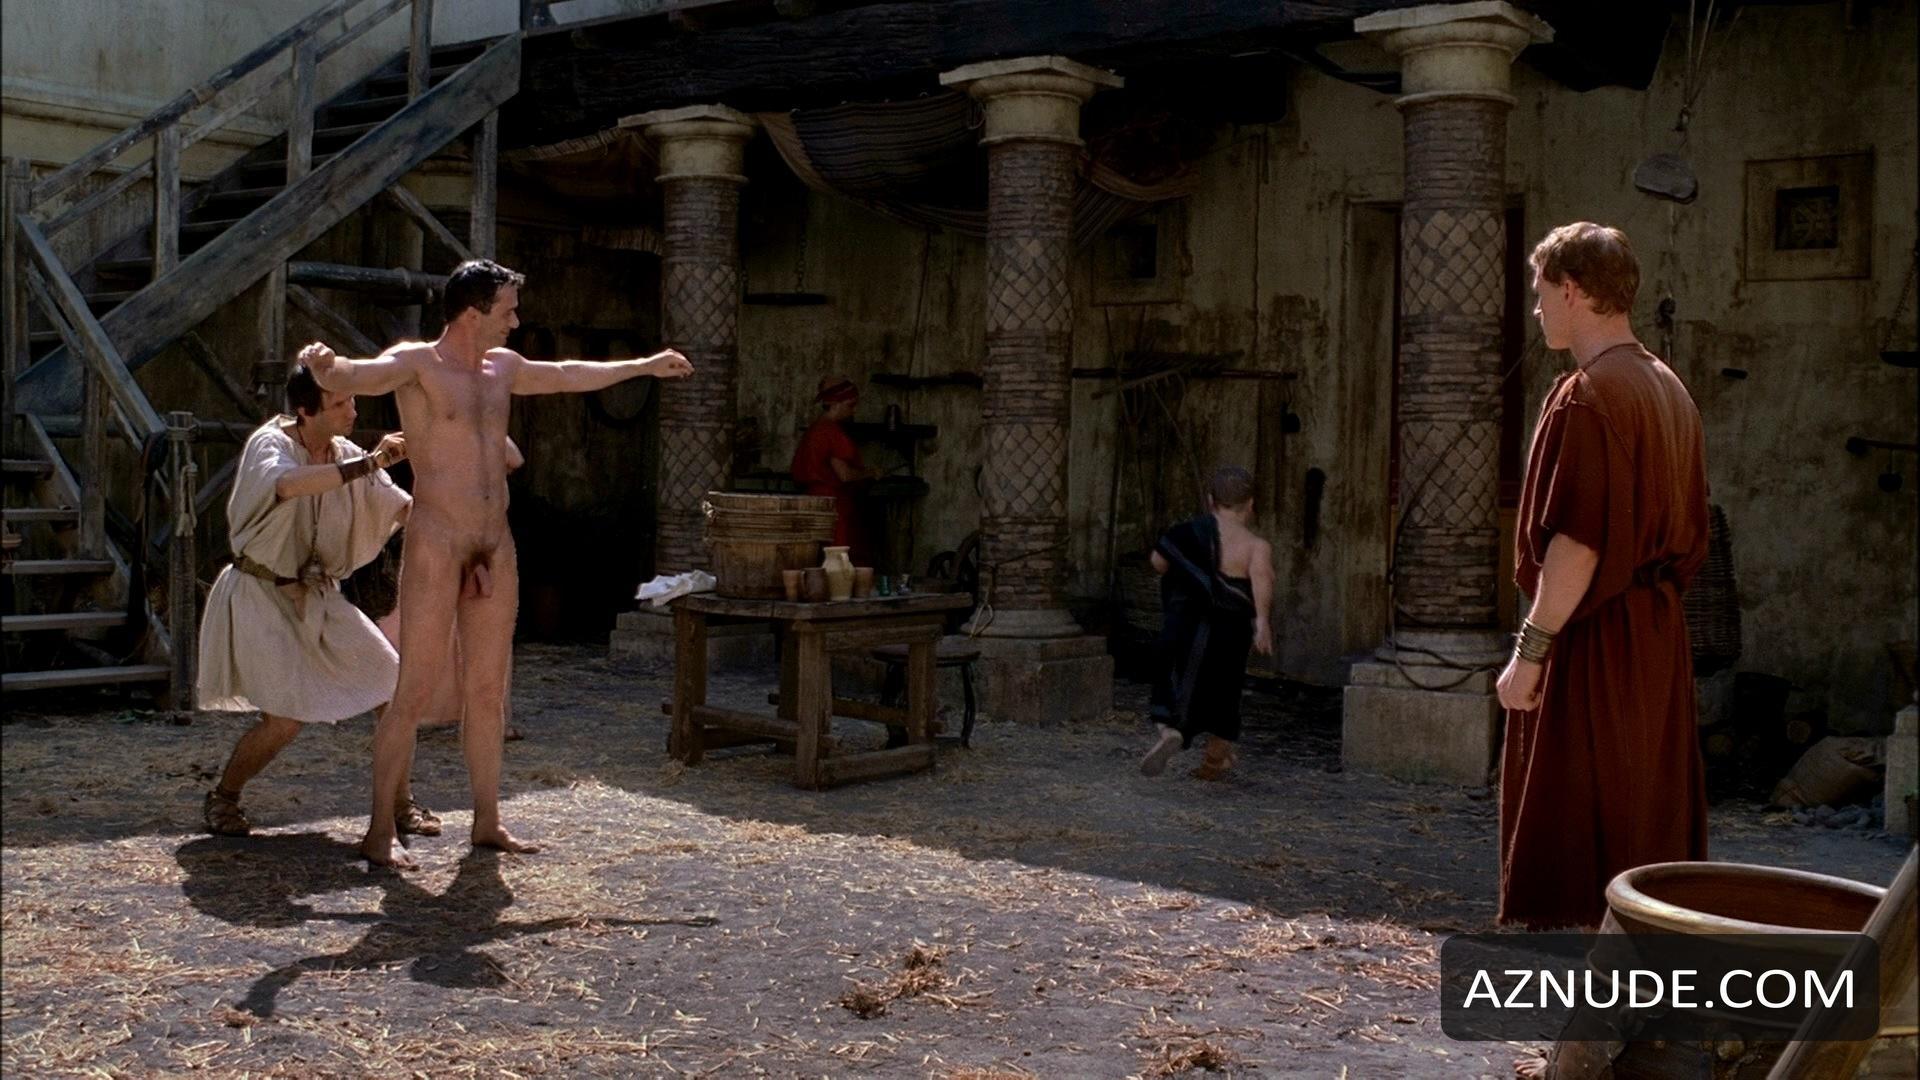 tumblr lori petty nude